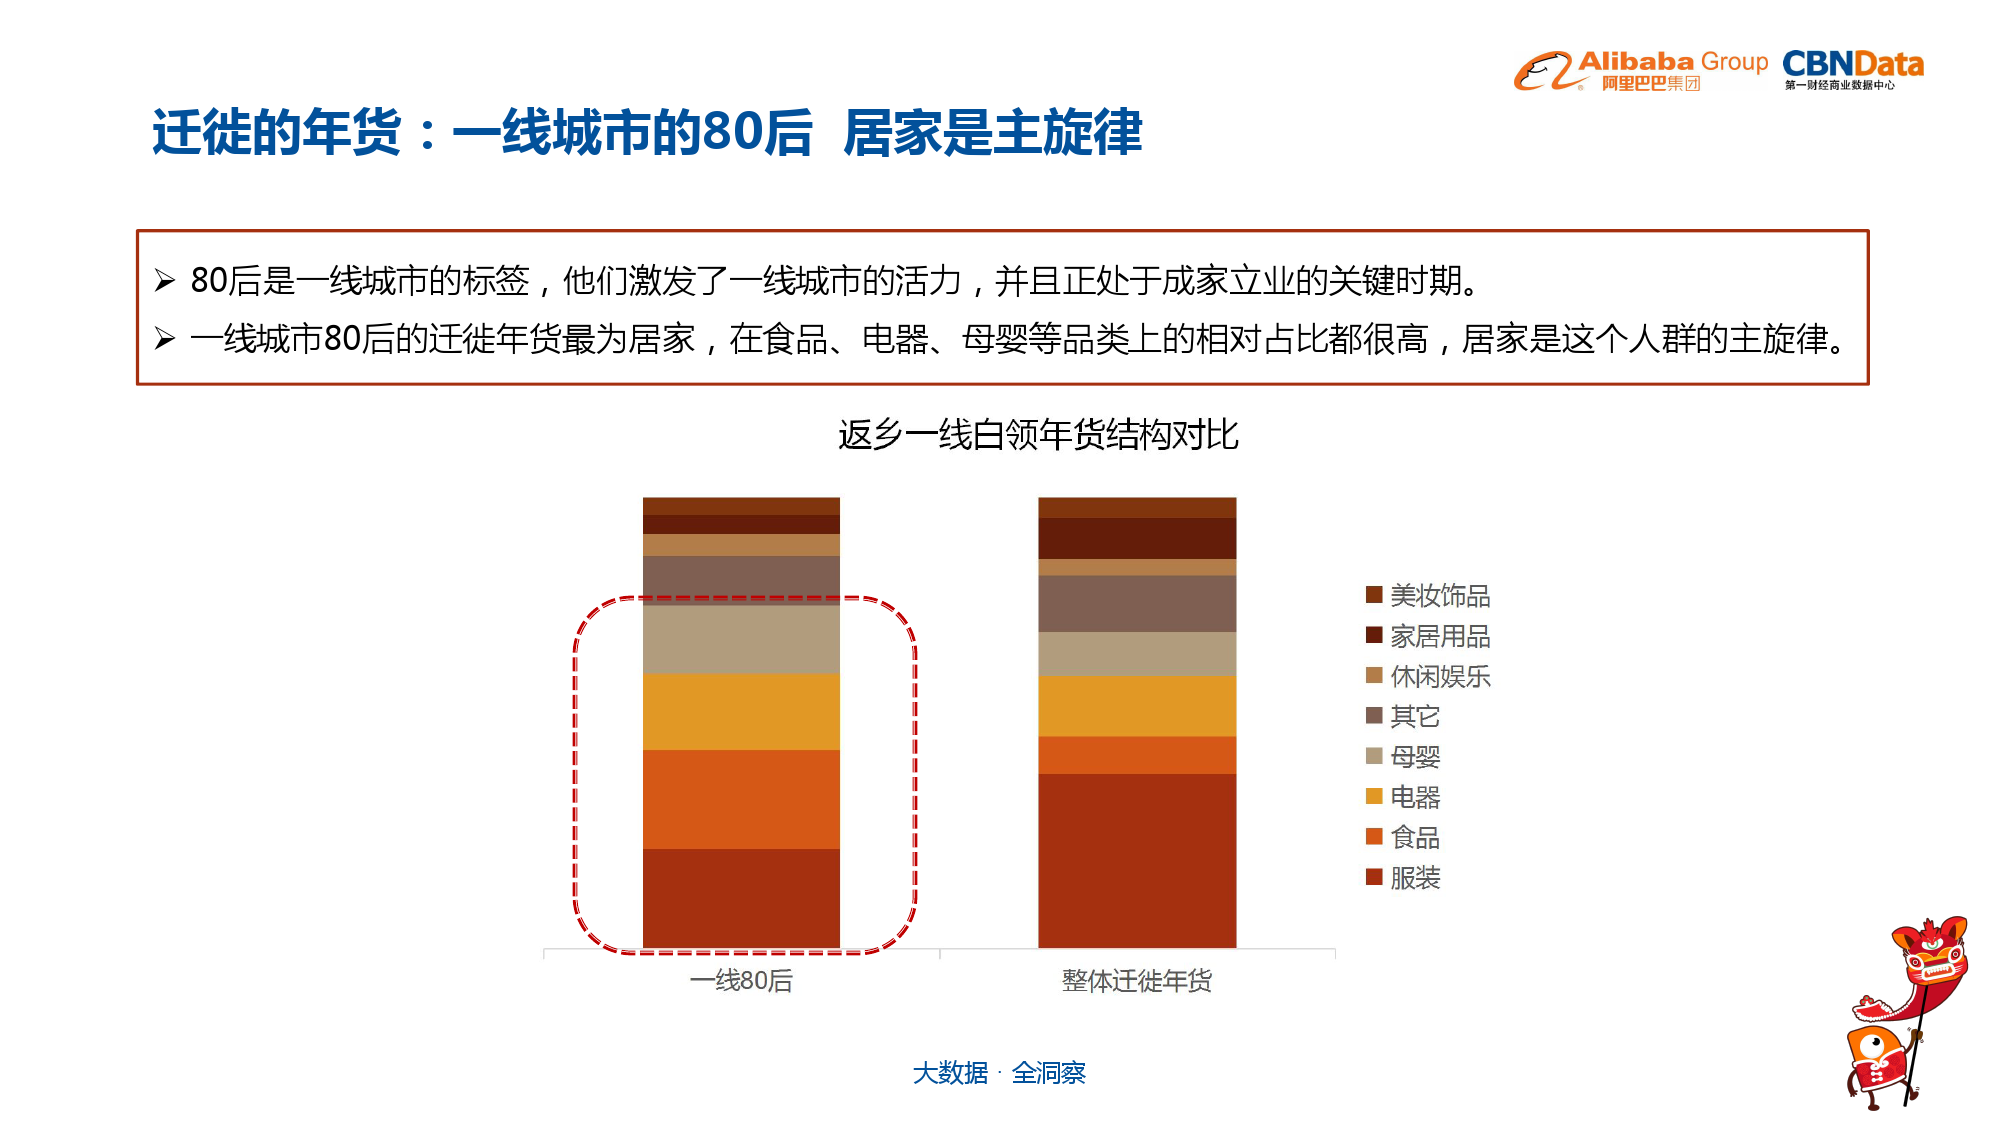 中国年货大数据报告_000035